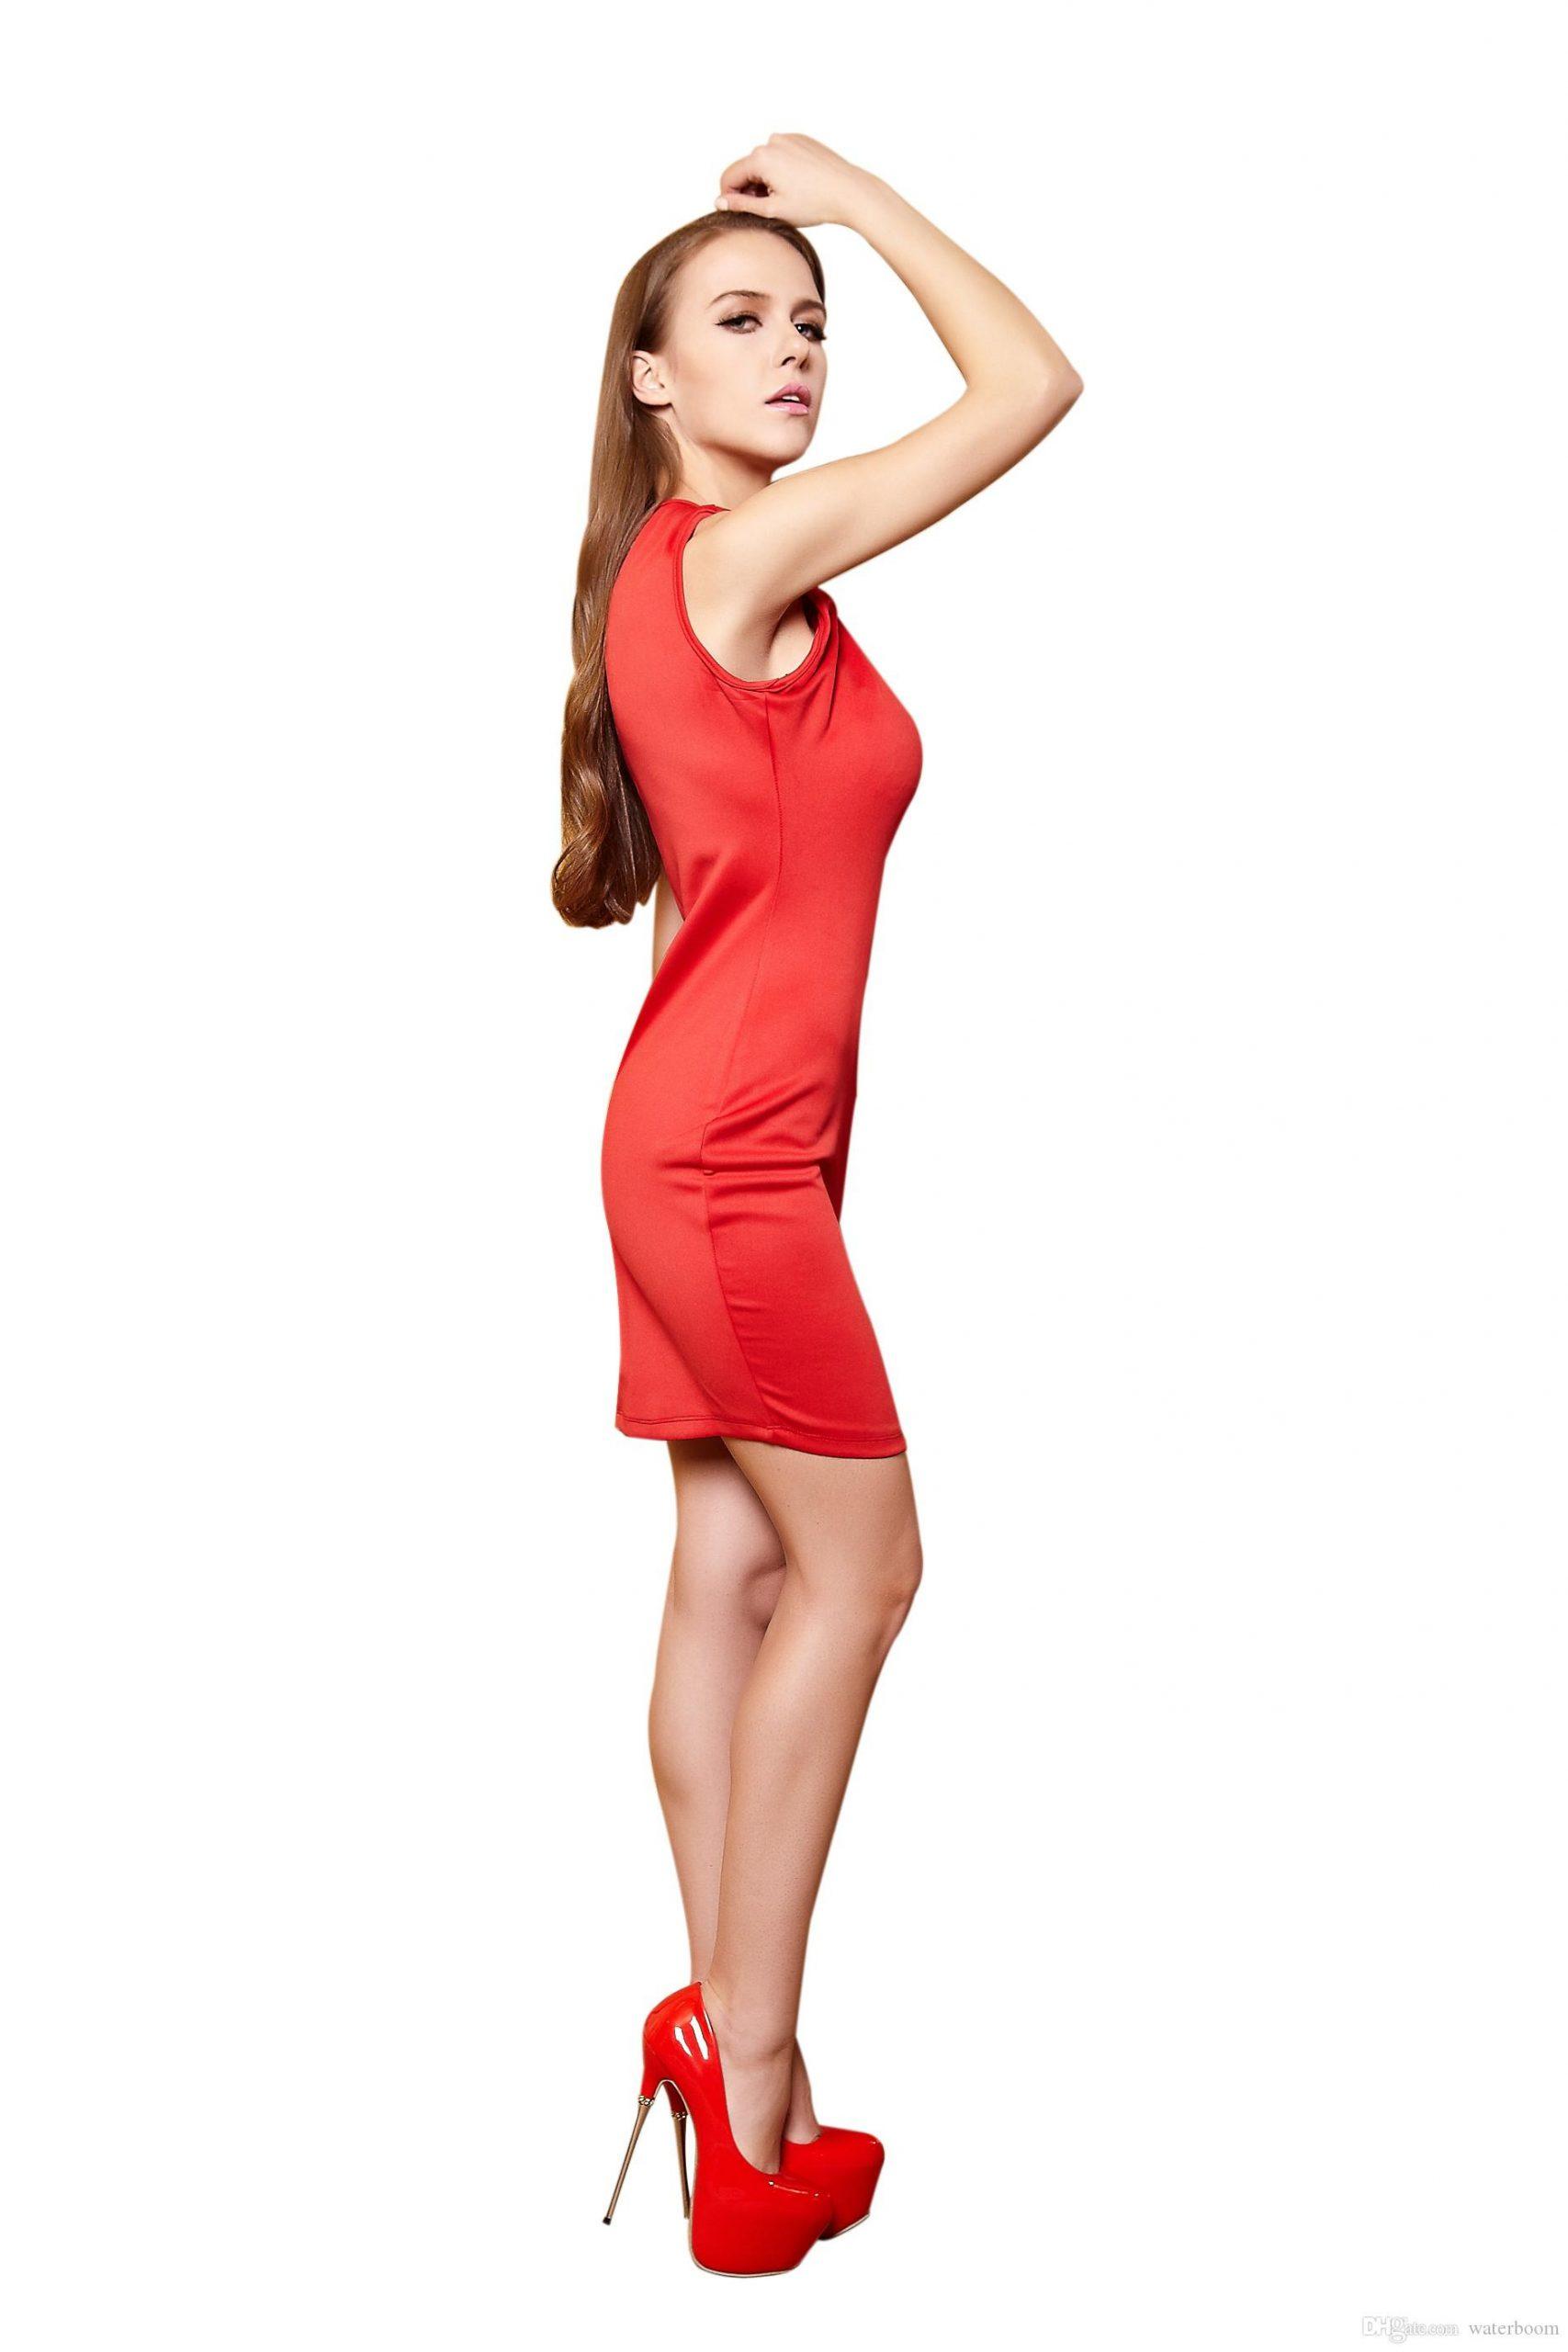 17 Wunderbar Abendkleid Unterwäsche VertriebDesigner Schön Abendkleid Unterwäsche Stylish